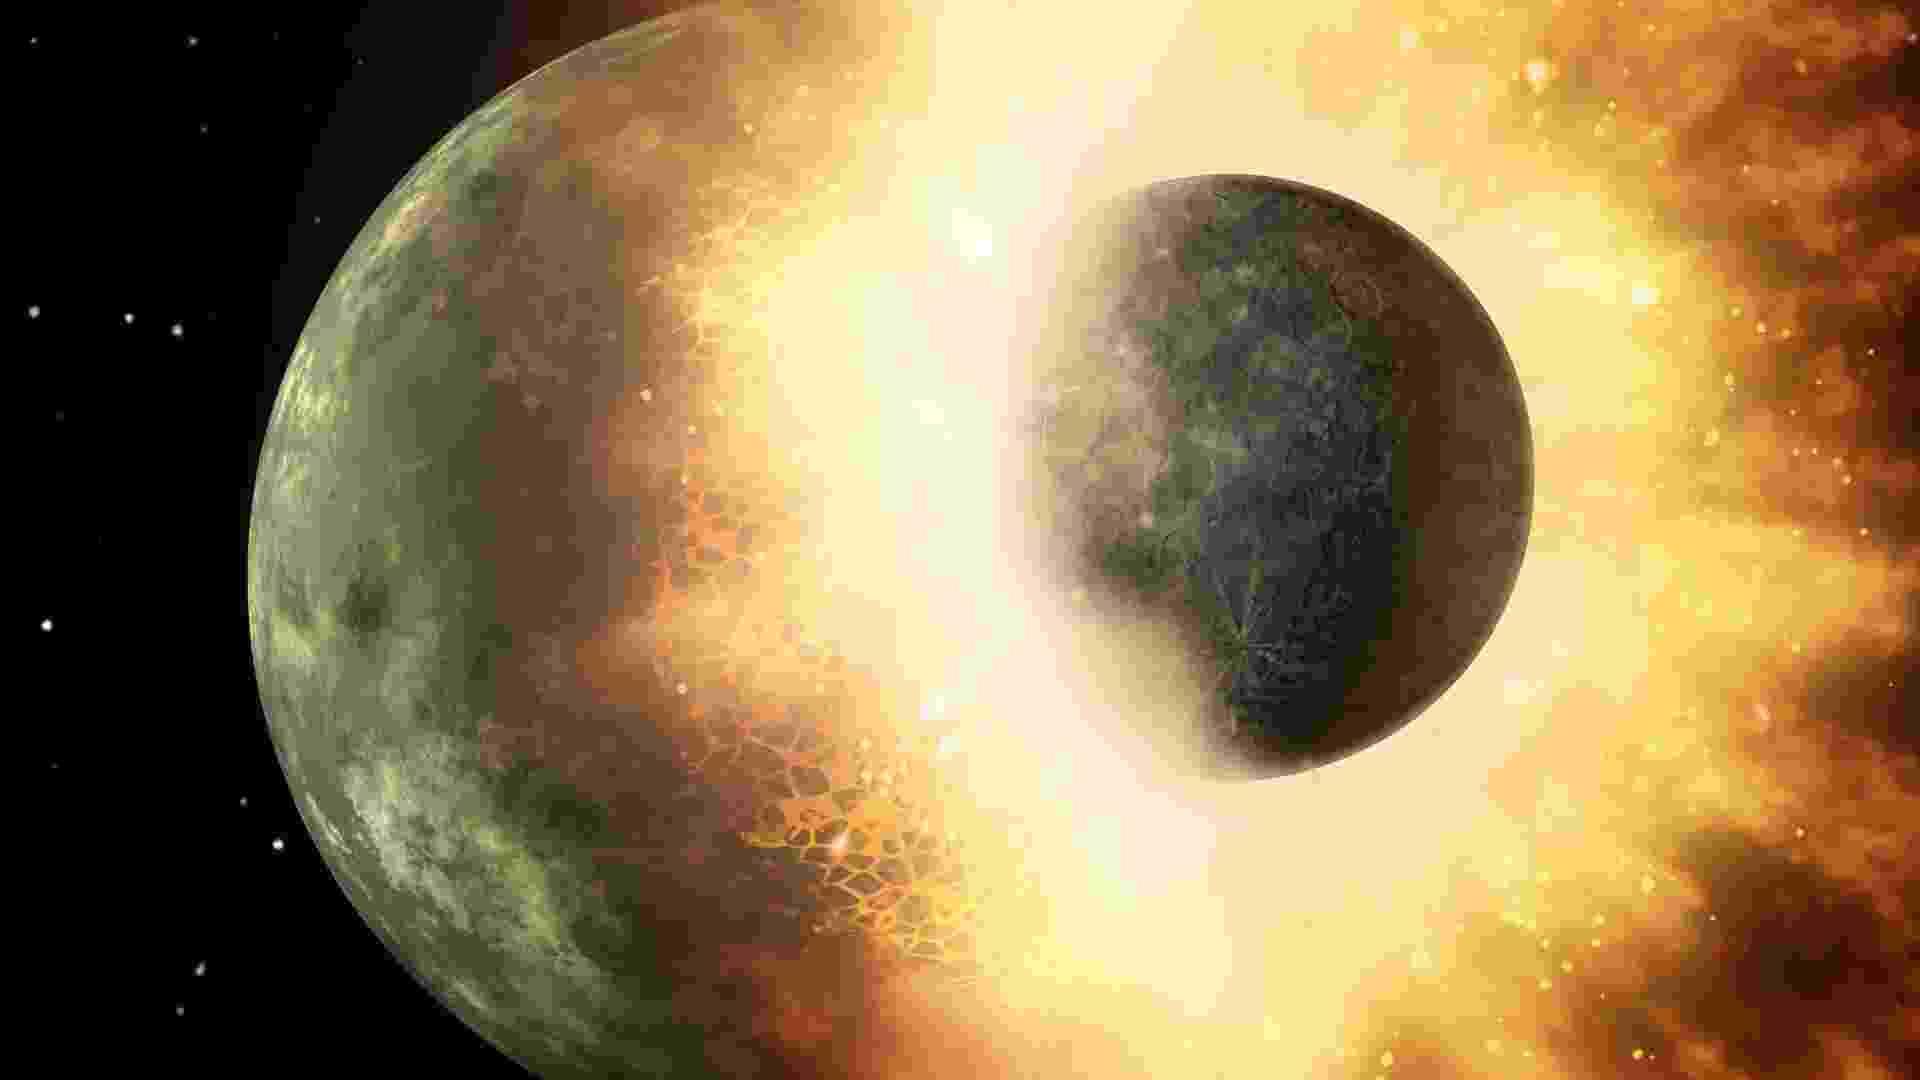 18.out.2012 - Ilustração mostra colisão de um corpo celeste com a Terra, semelhante ao processo que deu origem à Lua. Segundo estudo publicado nesta quarta-feira (18), o satélite natural surgiu a partir de uma nuvem de vapor de zinco após um massivo choque planetário - Nasa/JPL-Caltech